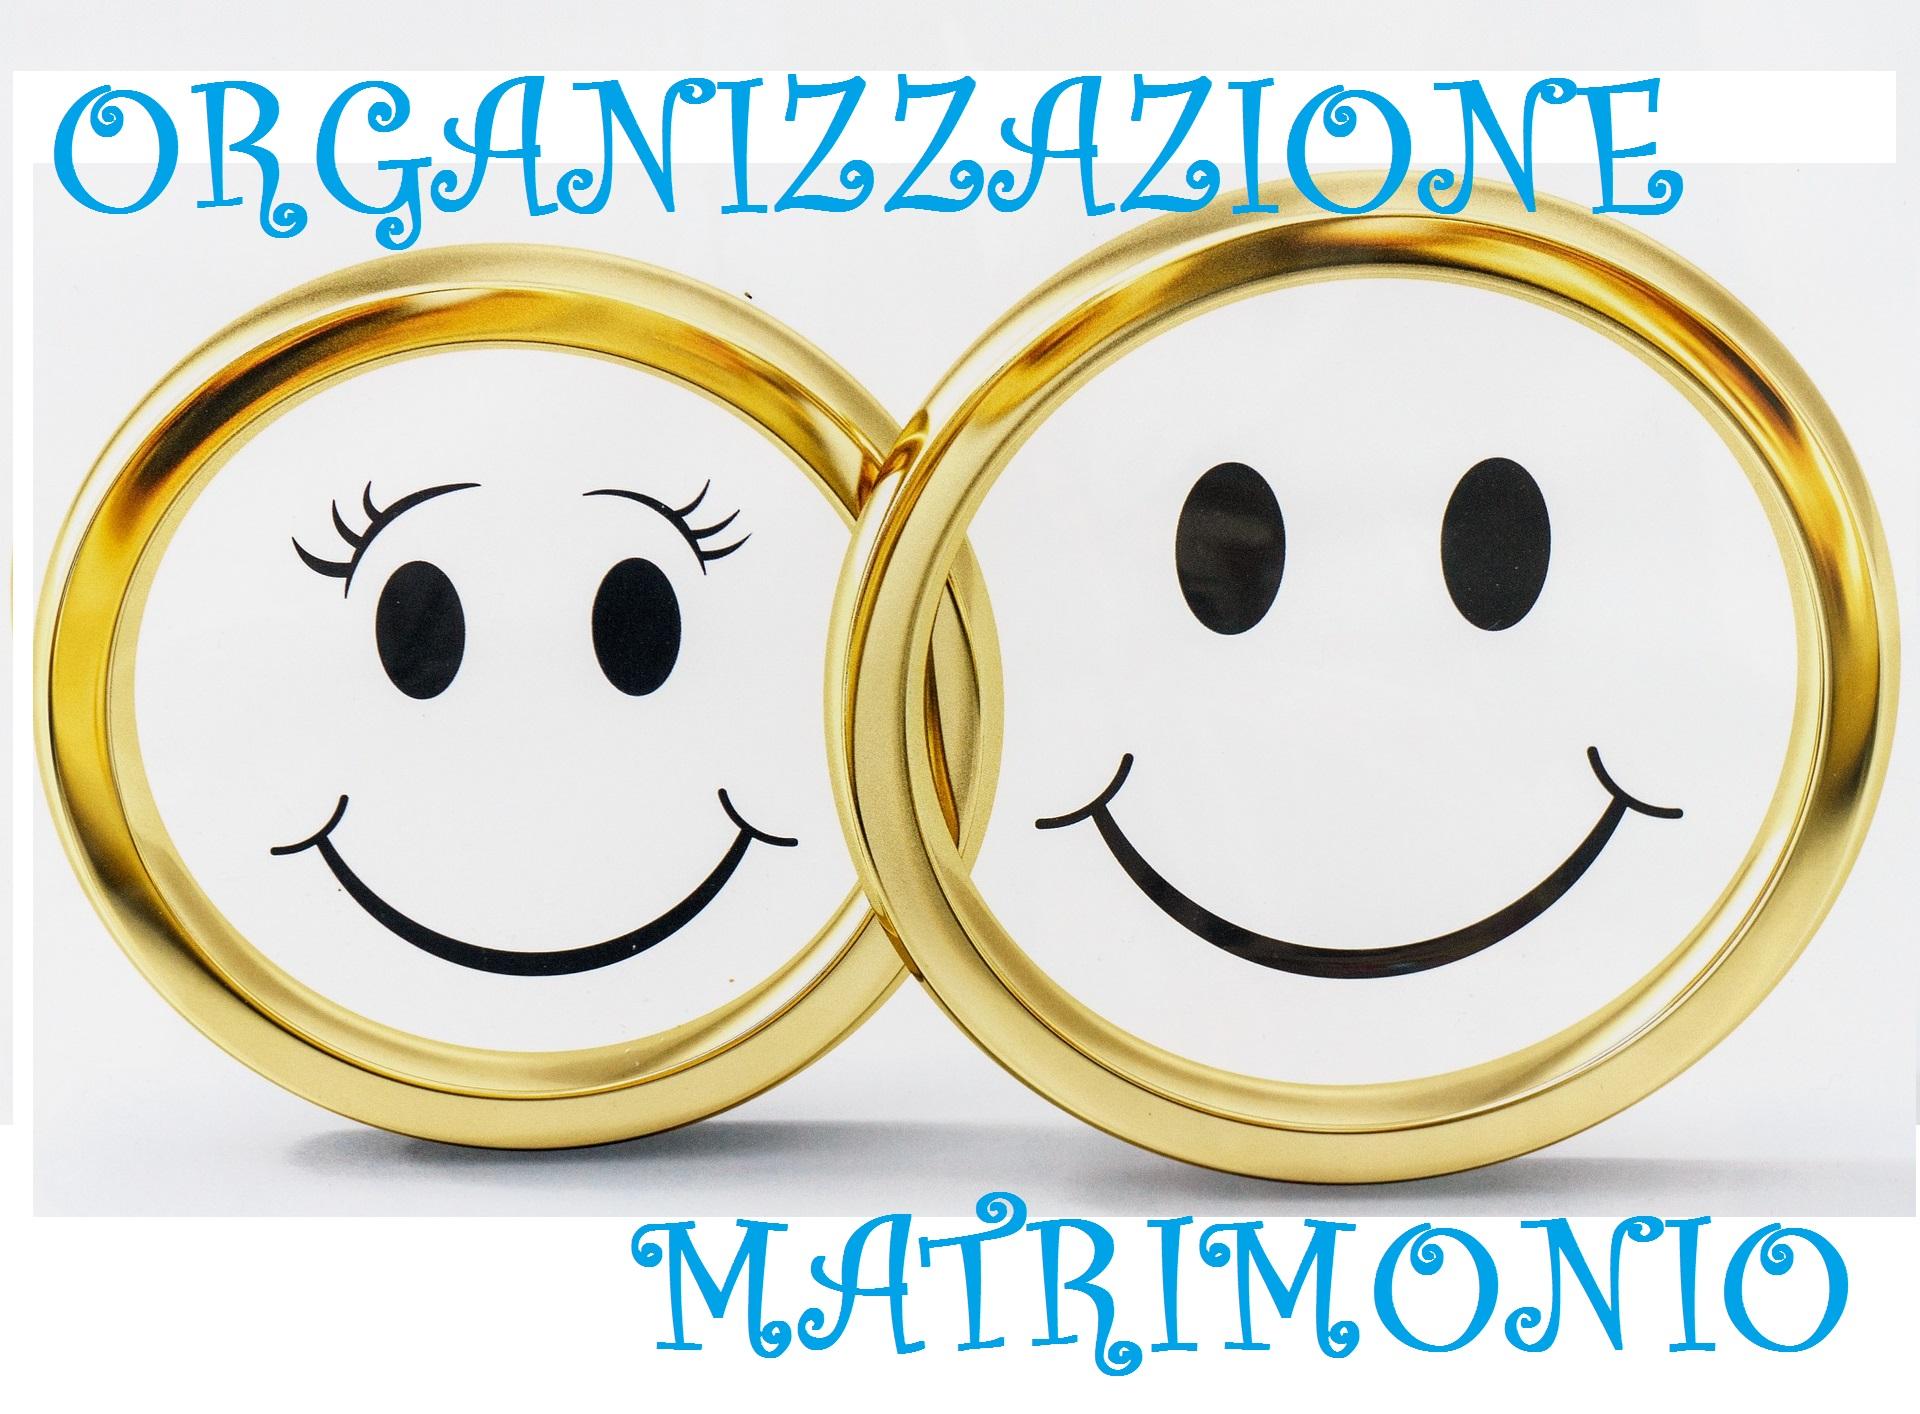 Organizzazione Matrimonio A